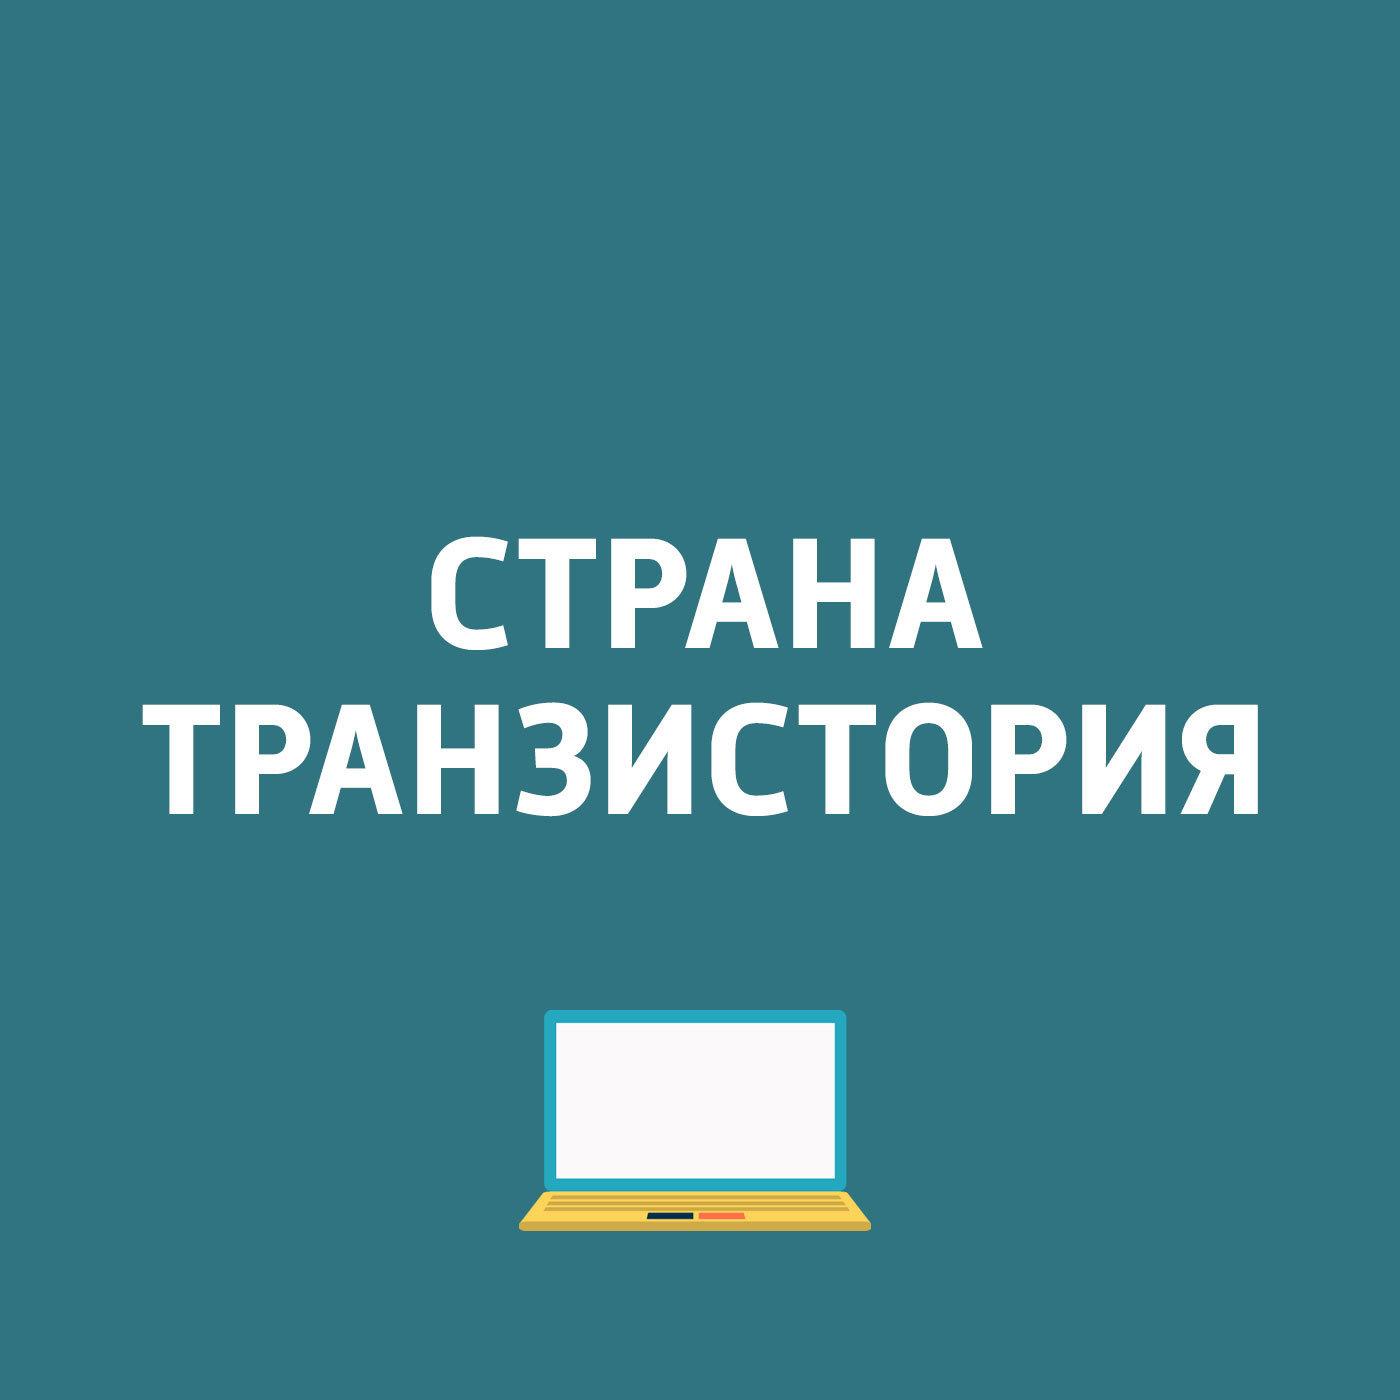 Картаев Павел IFA 2018: Первый взгляд на смартфон Sony Xperia XZ3 смартфон sony xperia xz3 ds h9436 4 64gb black